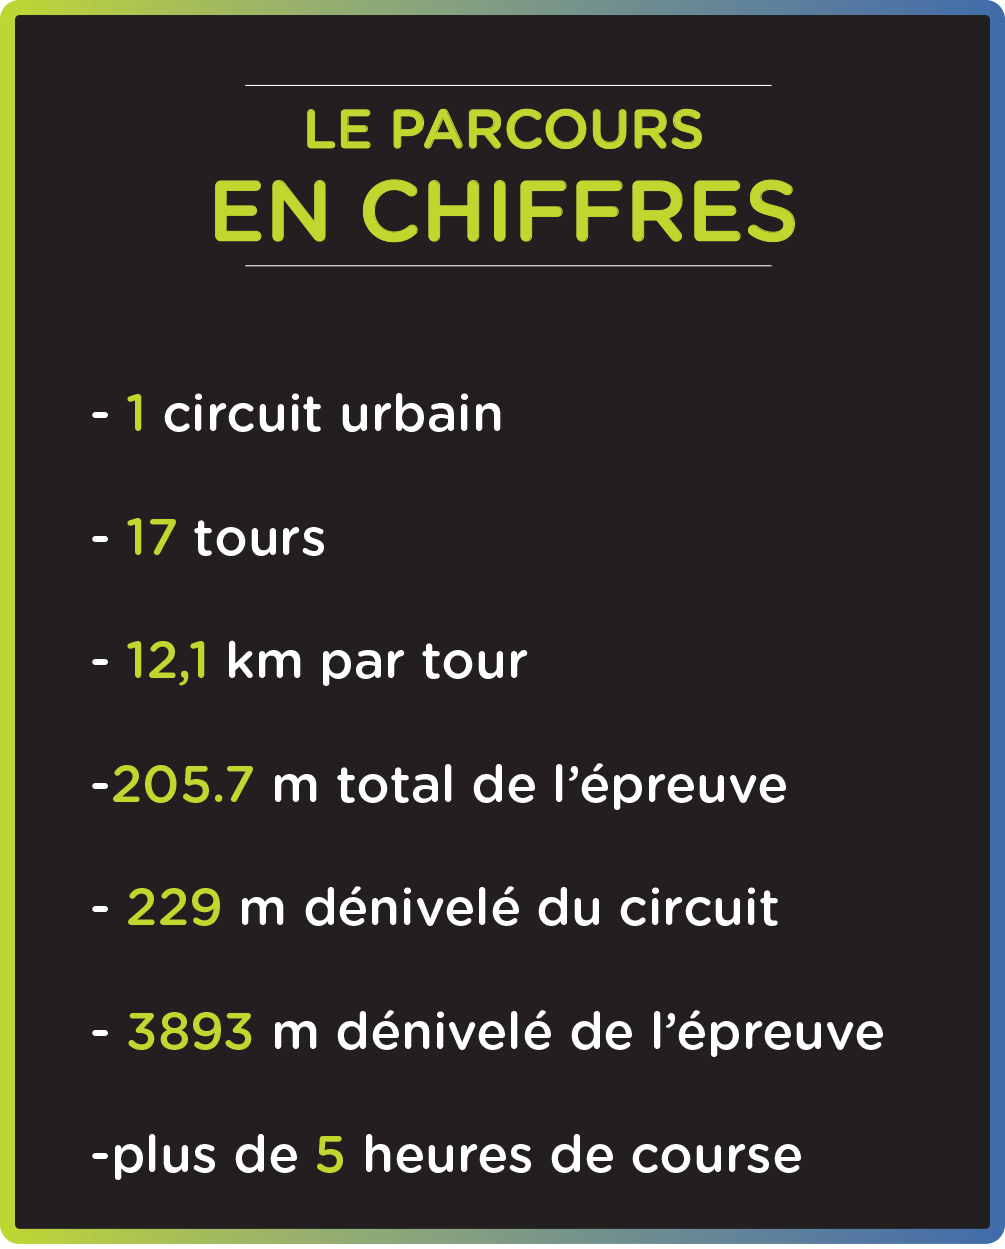 gpc-parcours-en-chiffres-montreal